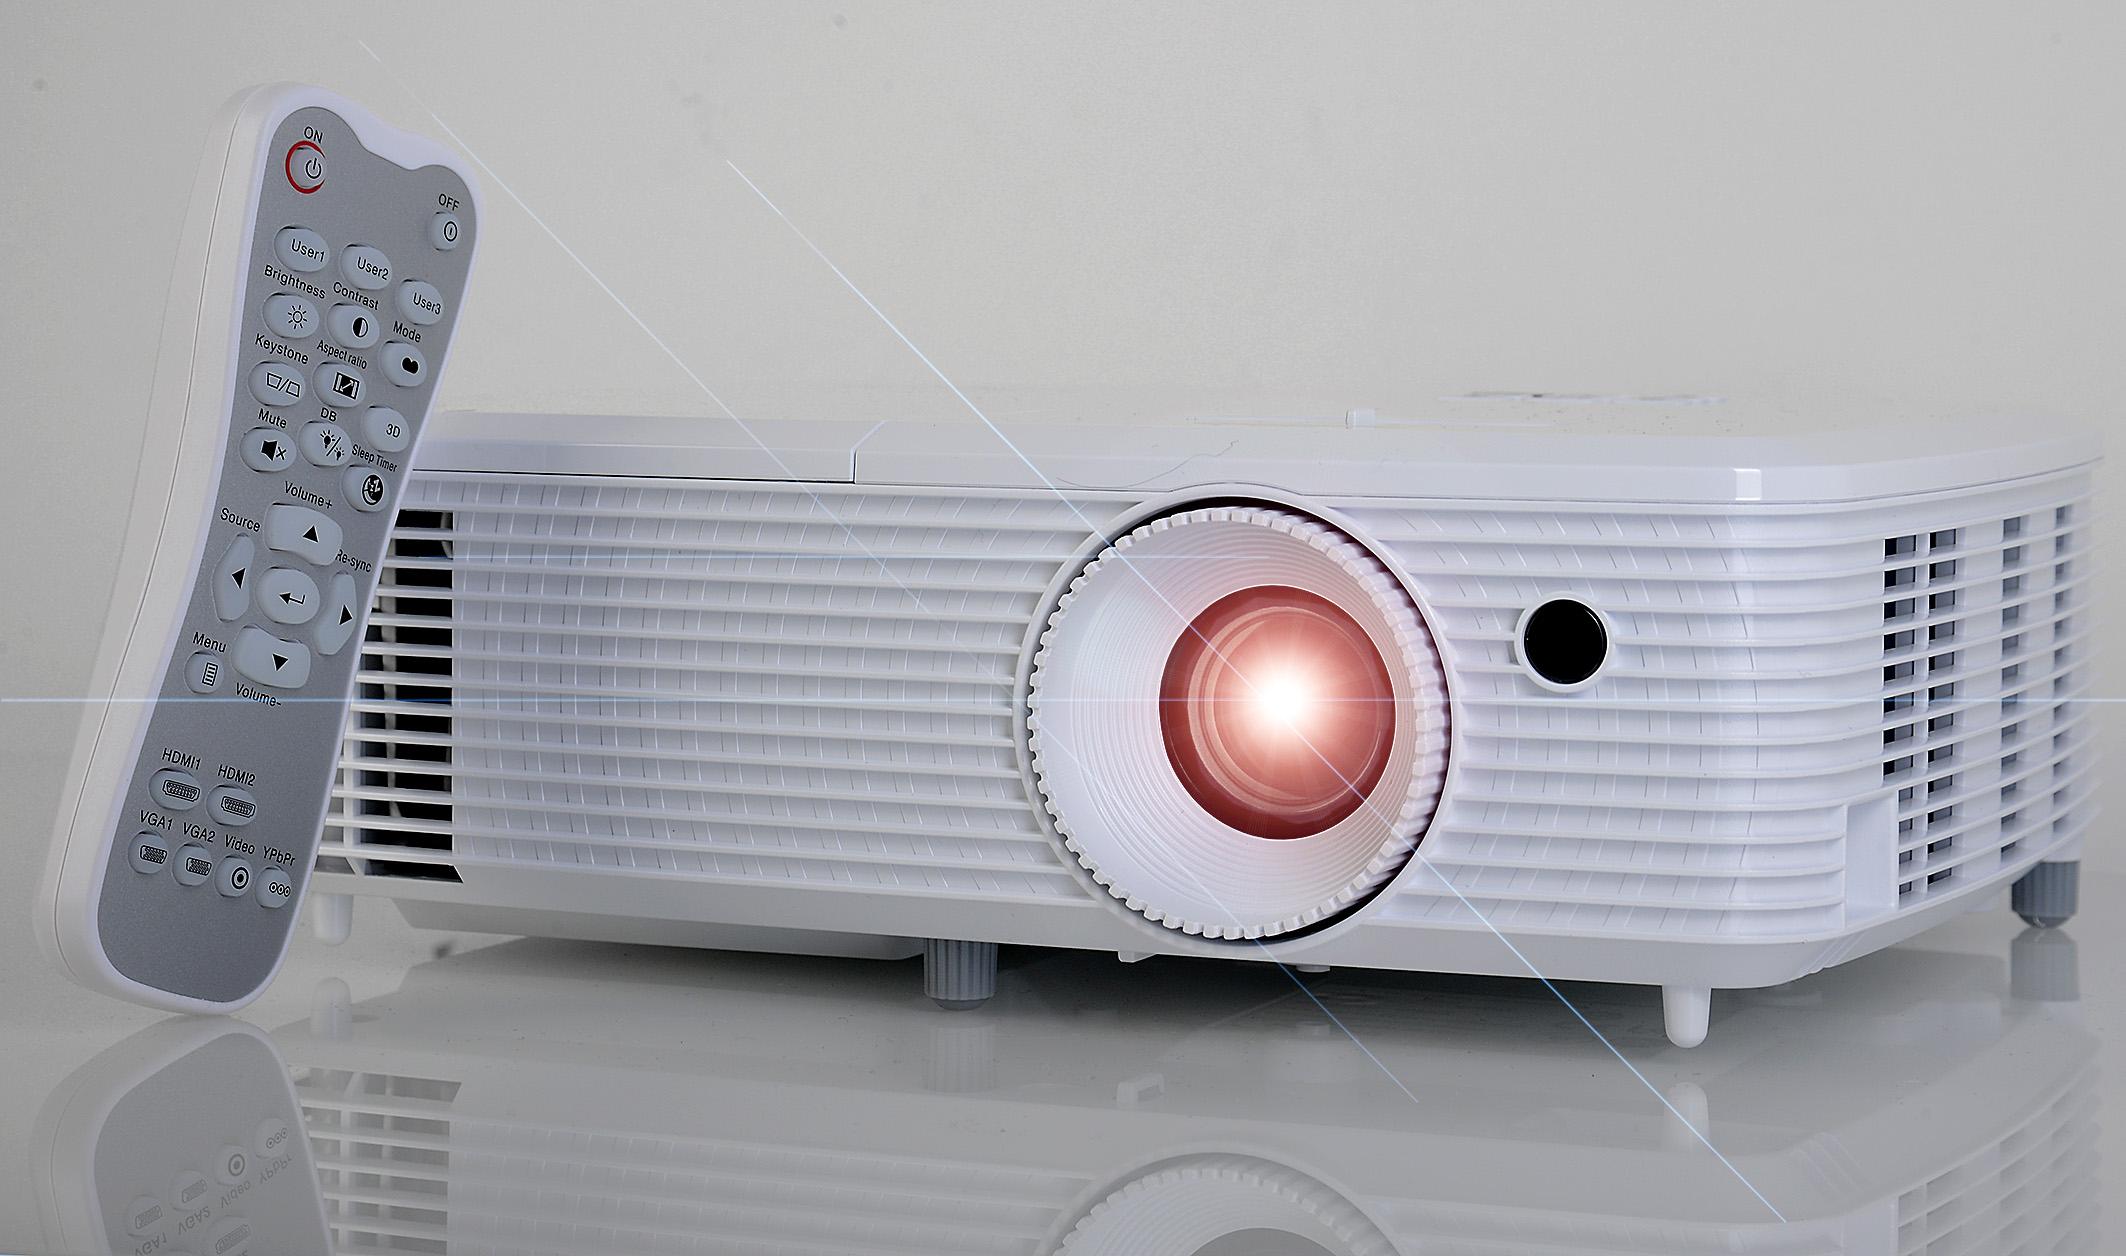 Foto: Michael B. Rehders Der Darbee HD29 Darbee verbessert die Detaildarstellung sichtbar, sobald der Darbee-Prozessor eingeschaltet wird.